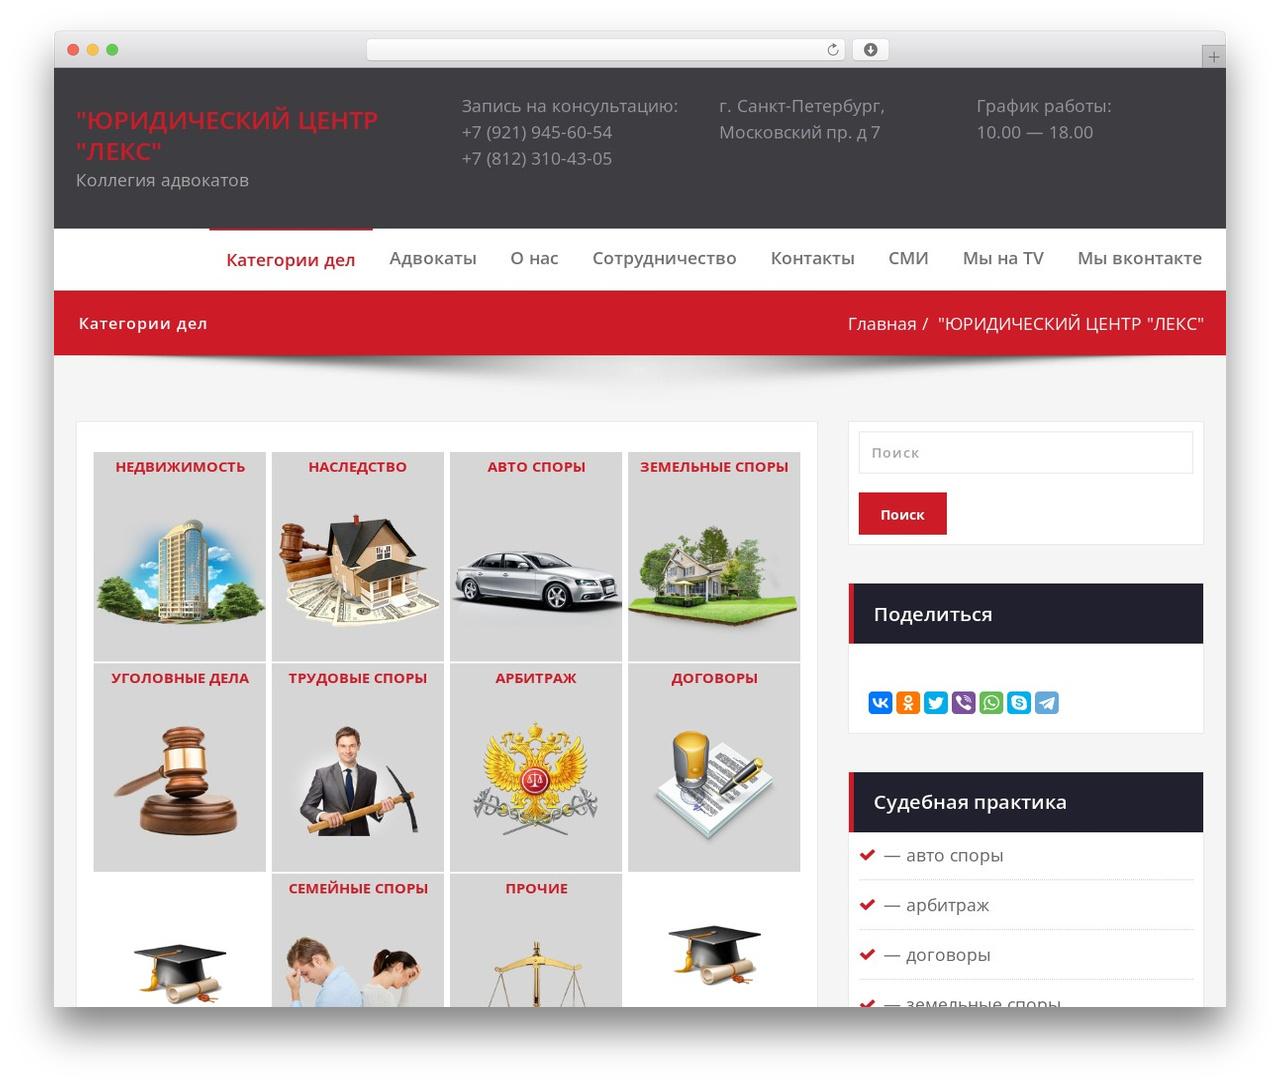 Rockers free website theme - ka-lex.ru